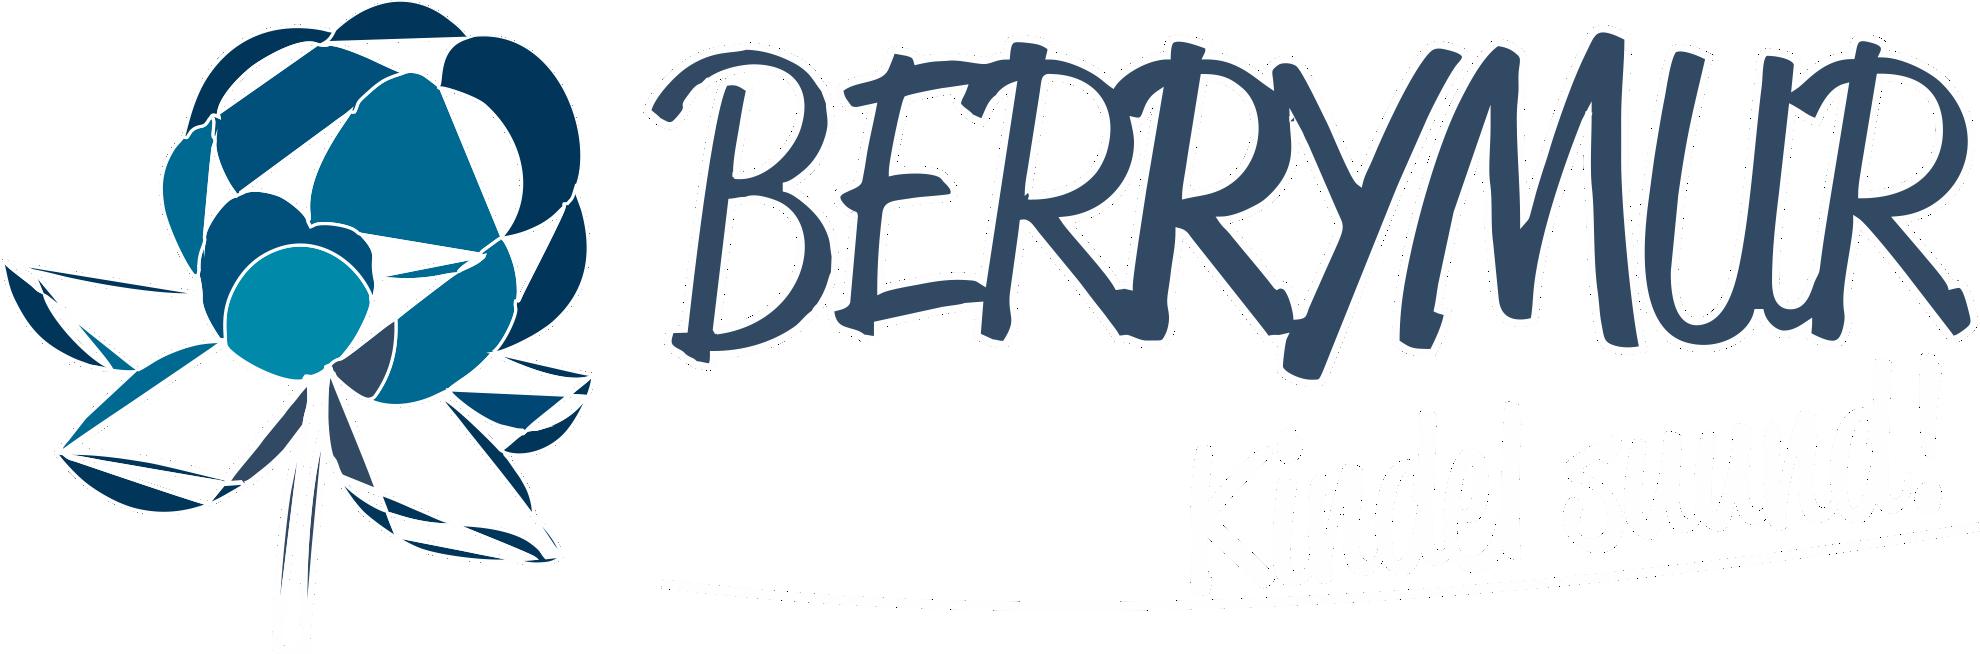 Berrymur-kindel siht!